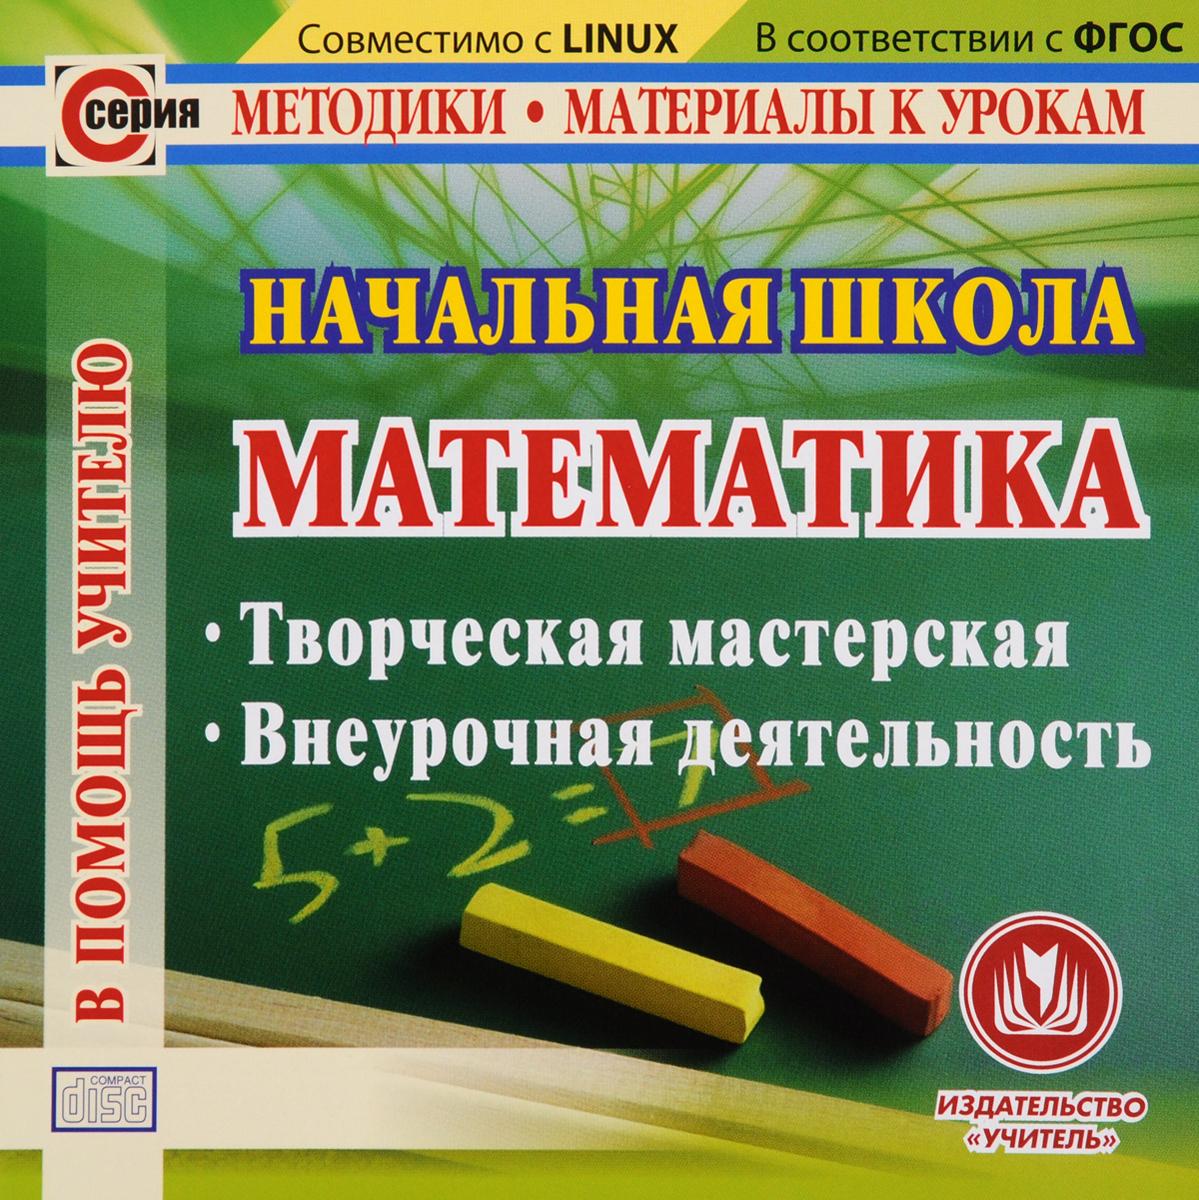 Начальная школа. Математика. Творческая мастерская. Внеурочная деятельность